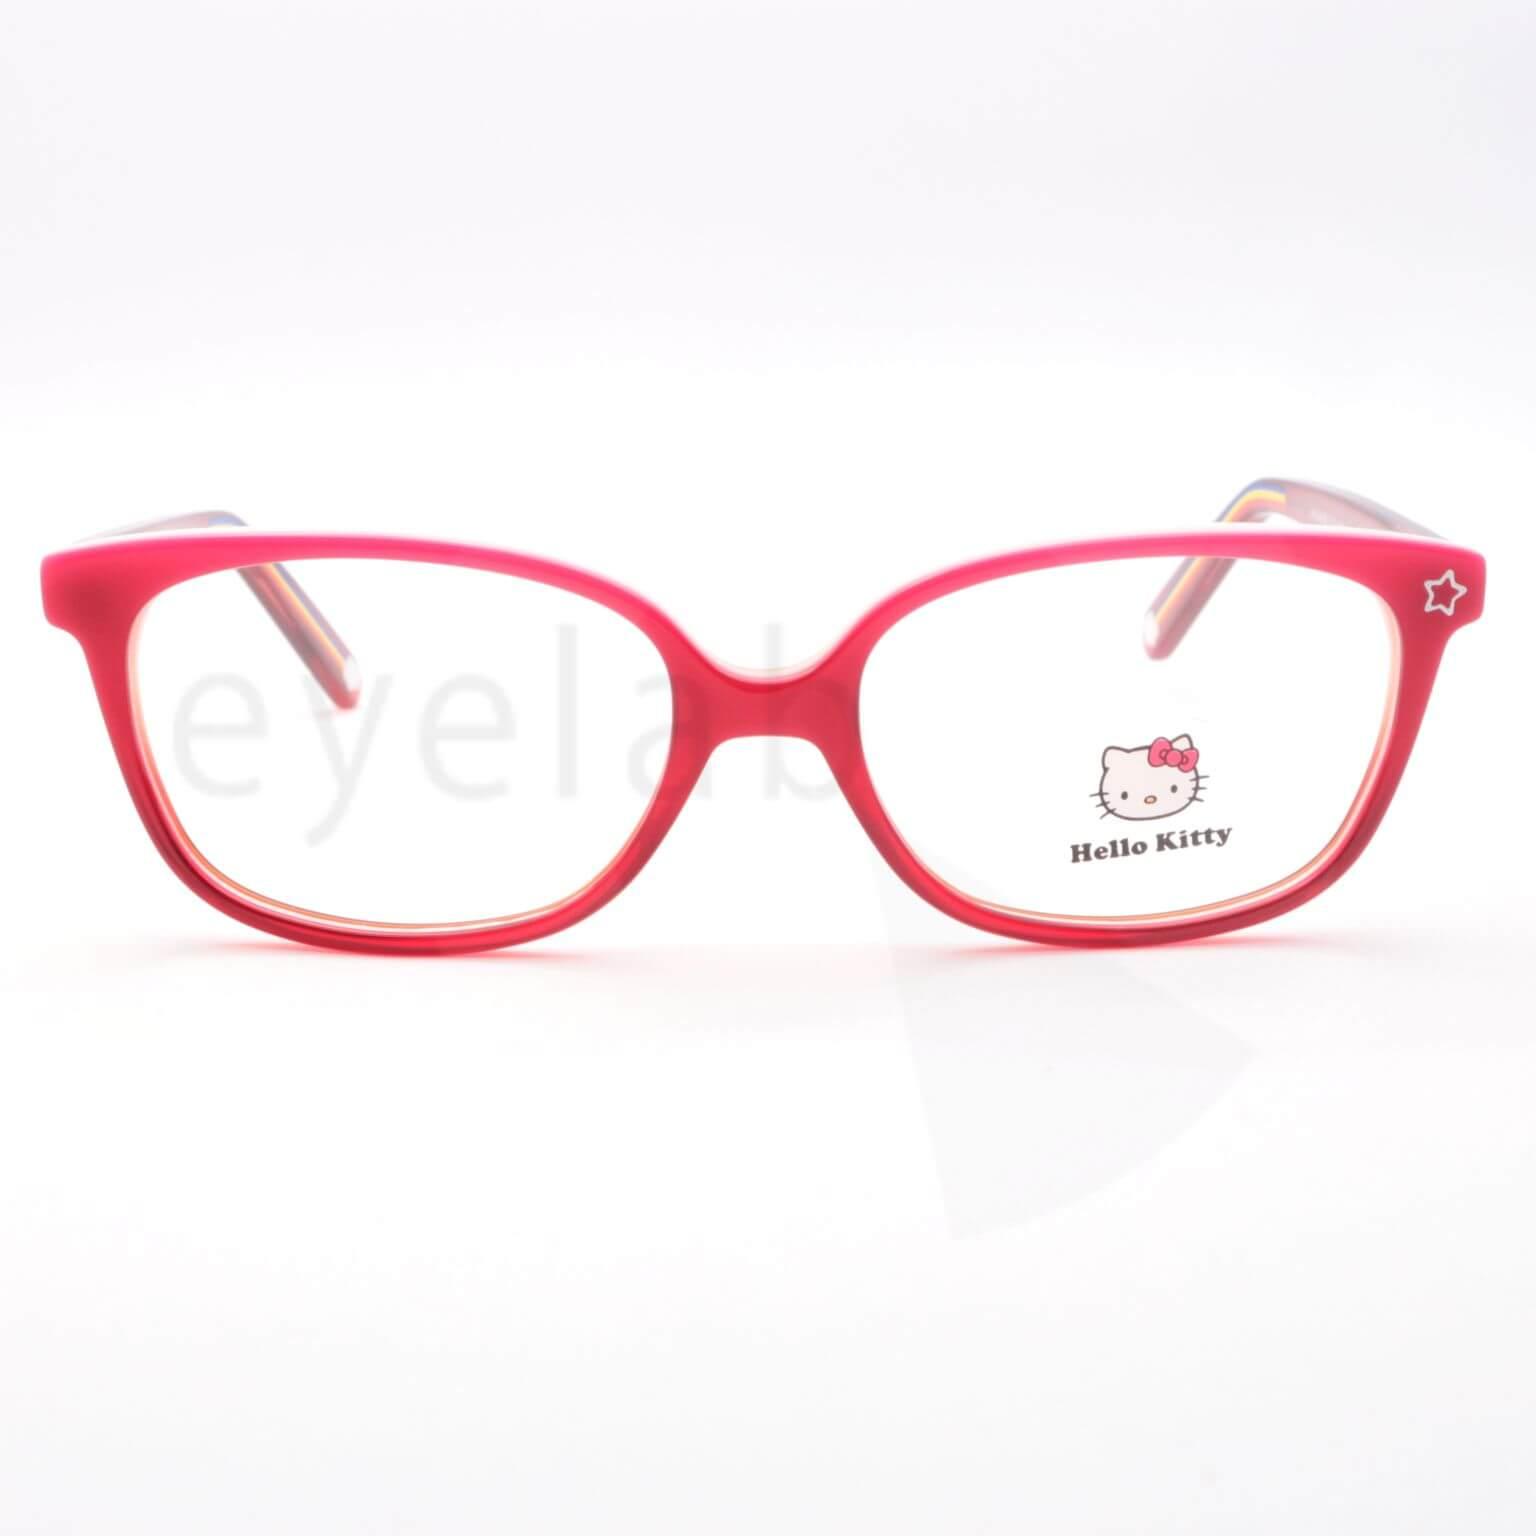 Παιδικά γυαλιά οράσεως Hello Kitty AA093 C14 ~ Eyelab f41707e8a3a